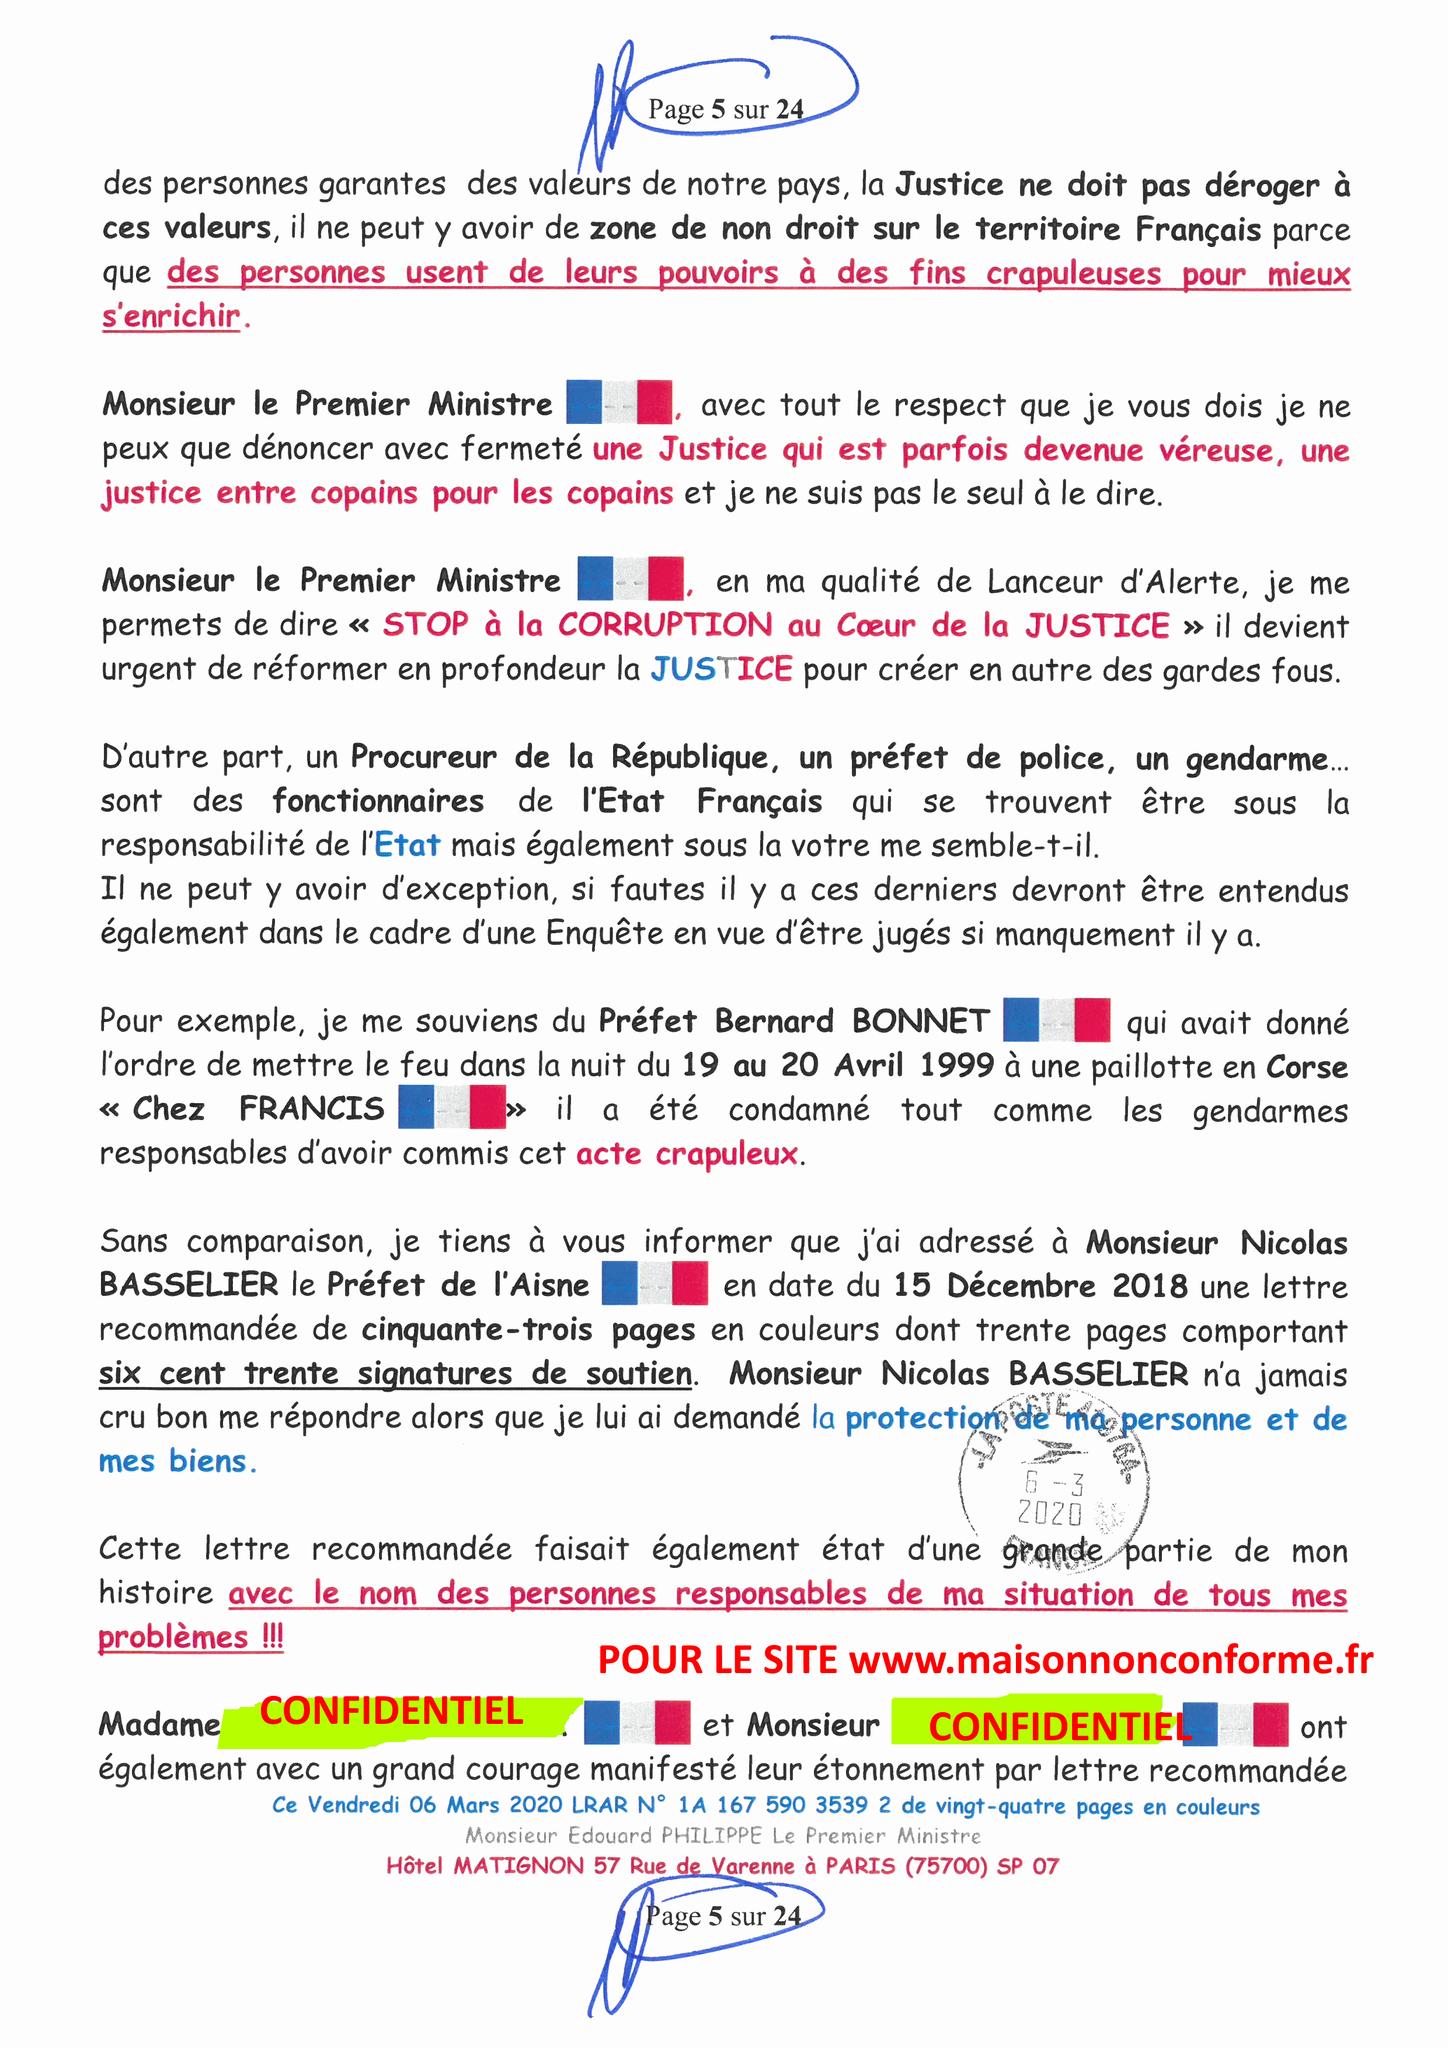 Ma LRAR à Monsieur le  Premier Ministre Edouard PHILIPPE N° 1A 167 590 3539 2 Page 5 sur 24 en Couleur du 06 Mars 2020  www.jesuispatrick.fr